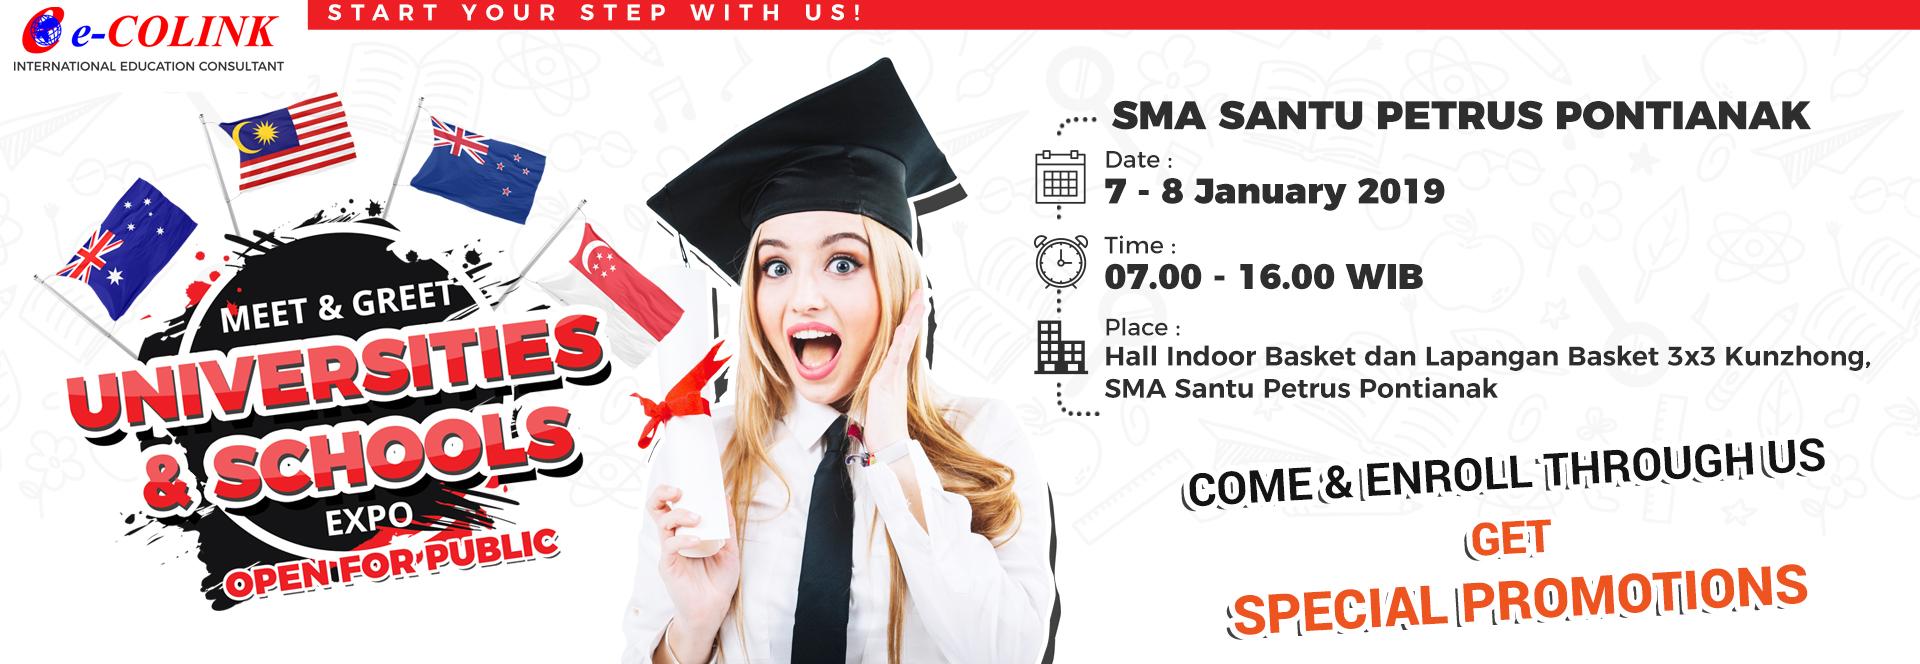 International Education Expo 2019 - SMA Santu Petrus Pontianak